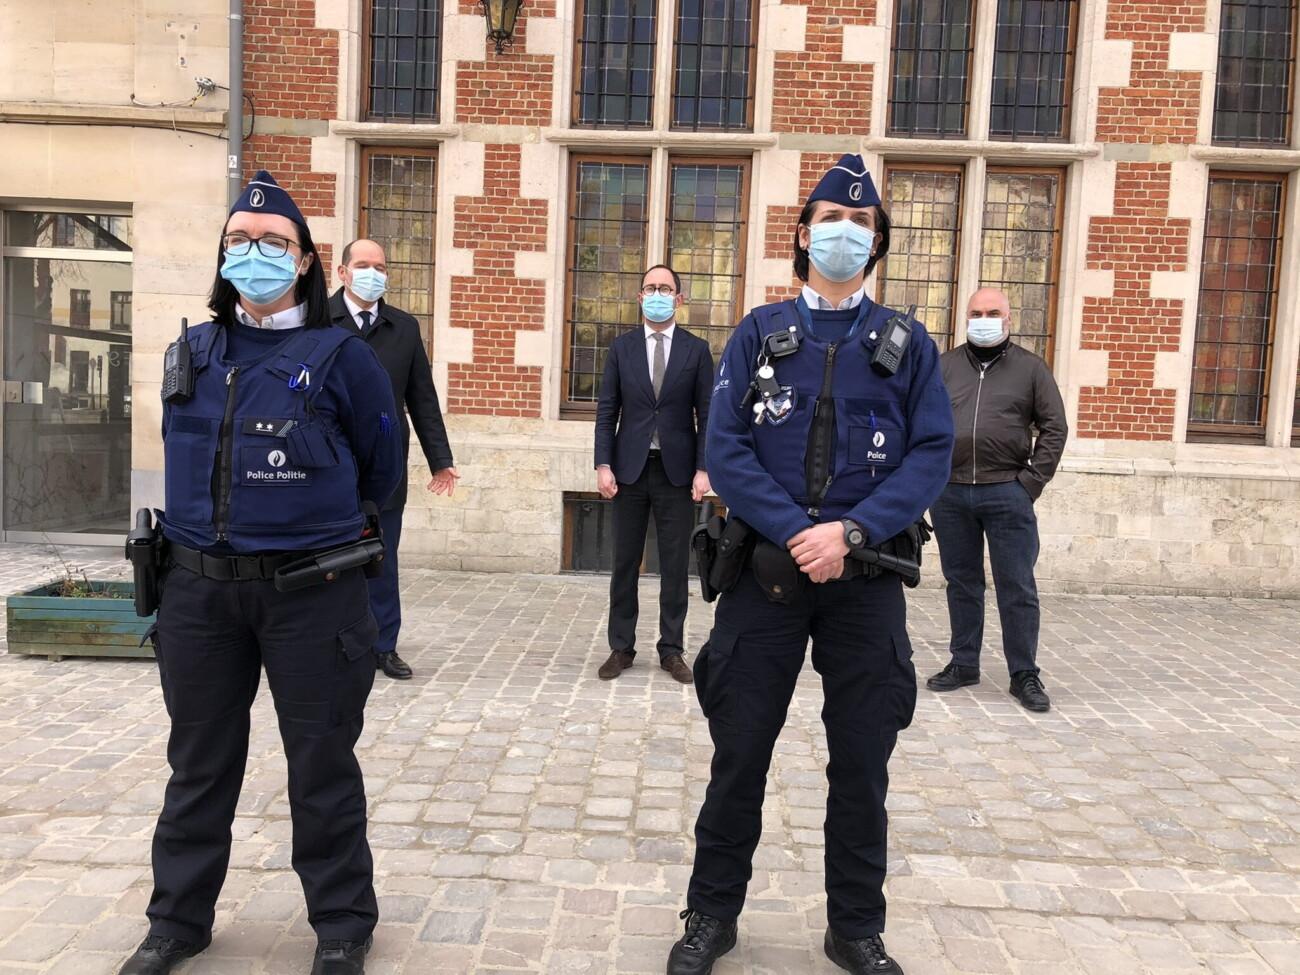 В Брюсселе ввели полицейские патрули в штатском для борьбы с домогательствами